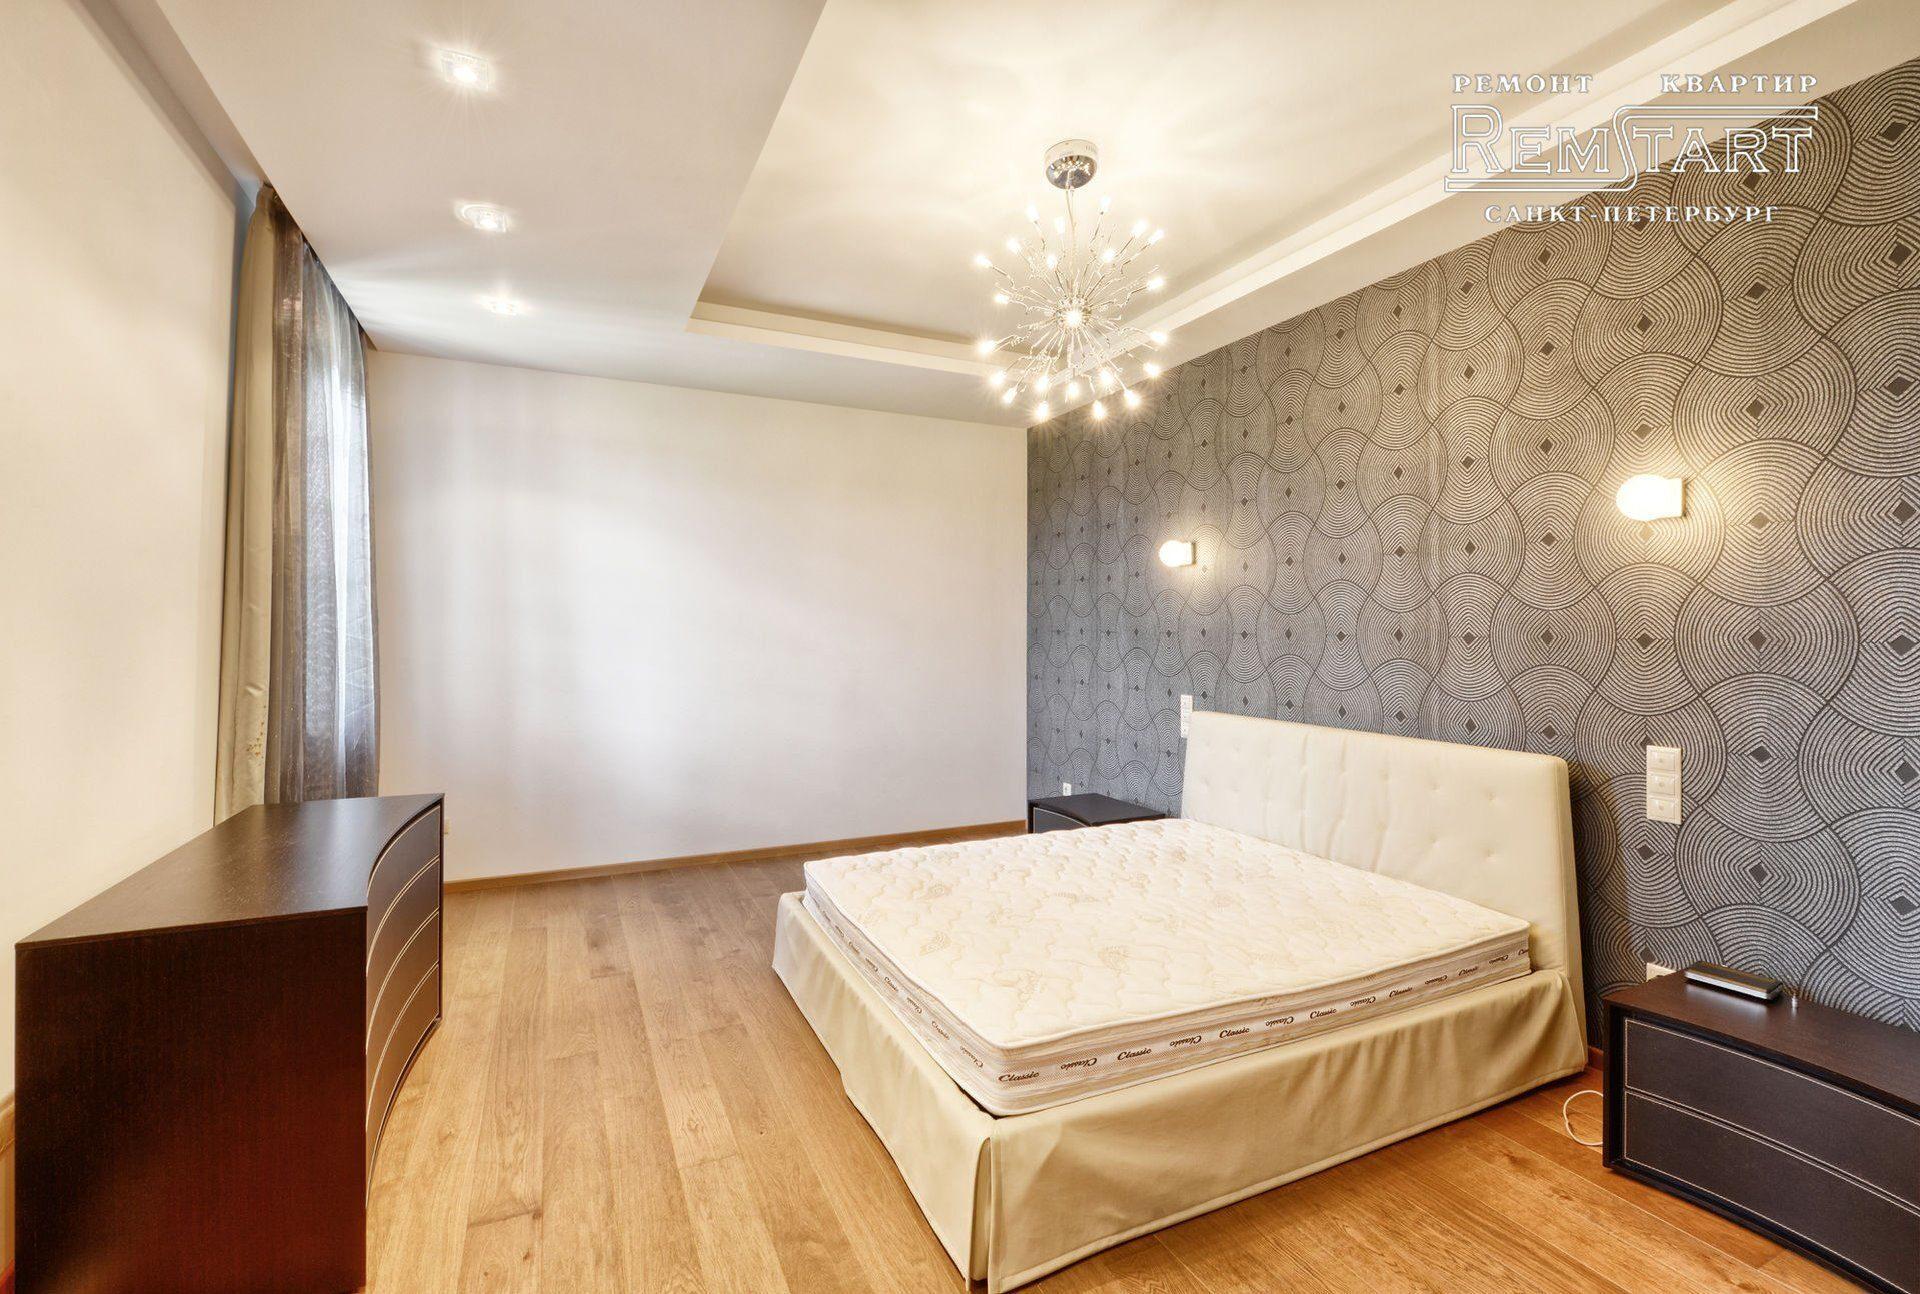 Дизайн интерьера в квартире | Рего-Ремонт Иваново